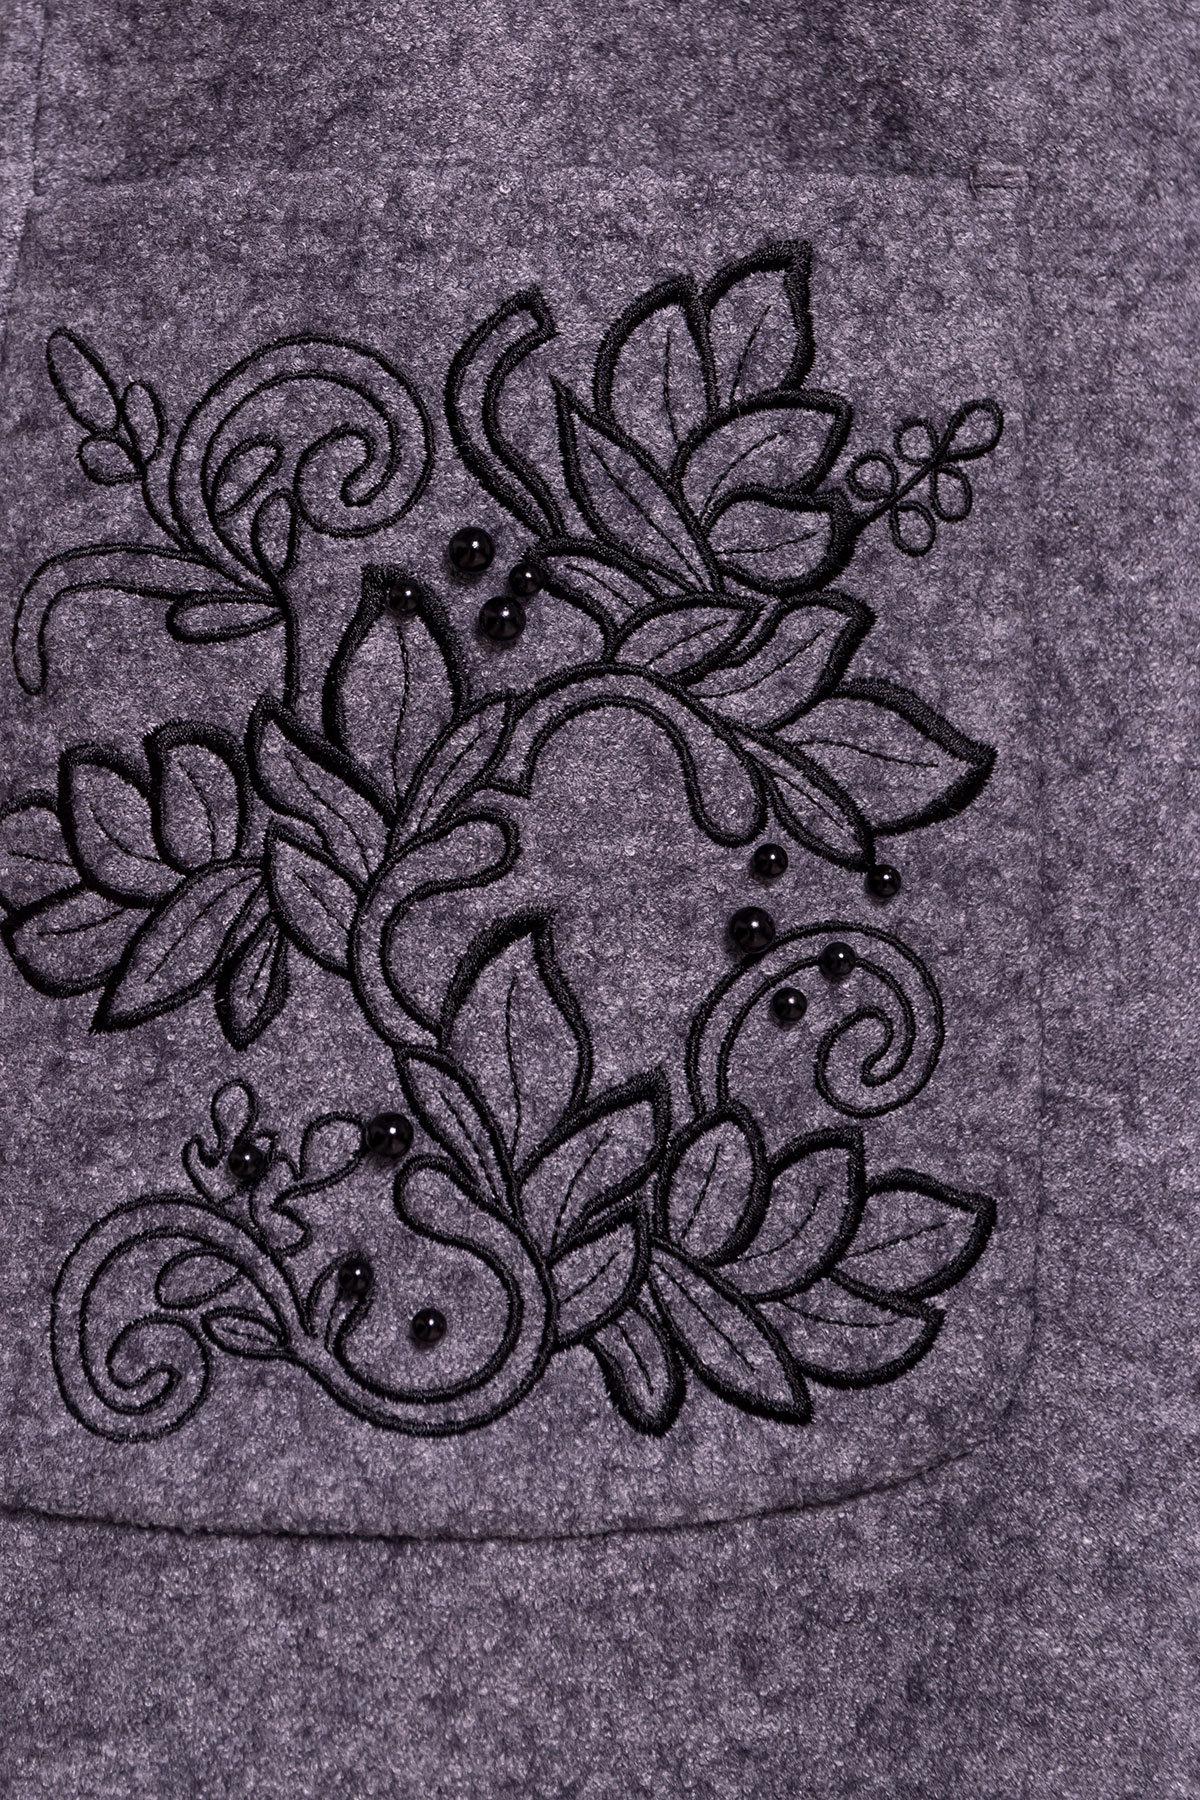 Демисезонное пальто из варенной шерсти Милена 5273 АРТ. 36892 Цвет: Серый Темный LW-47 - фото 6, интернет магазин tm-modus.ru